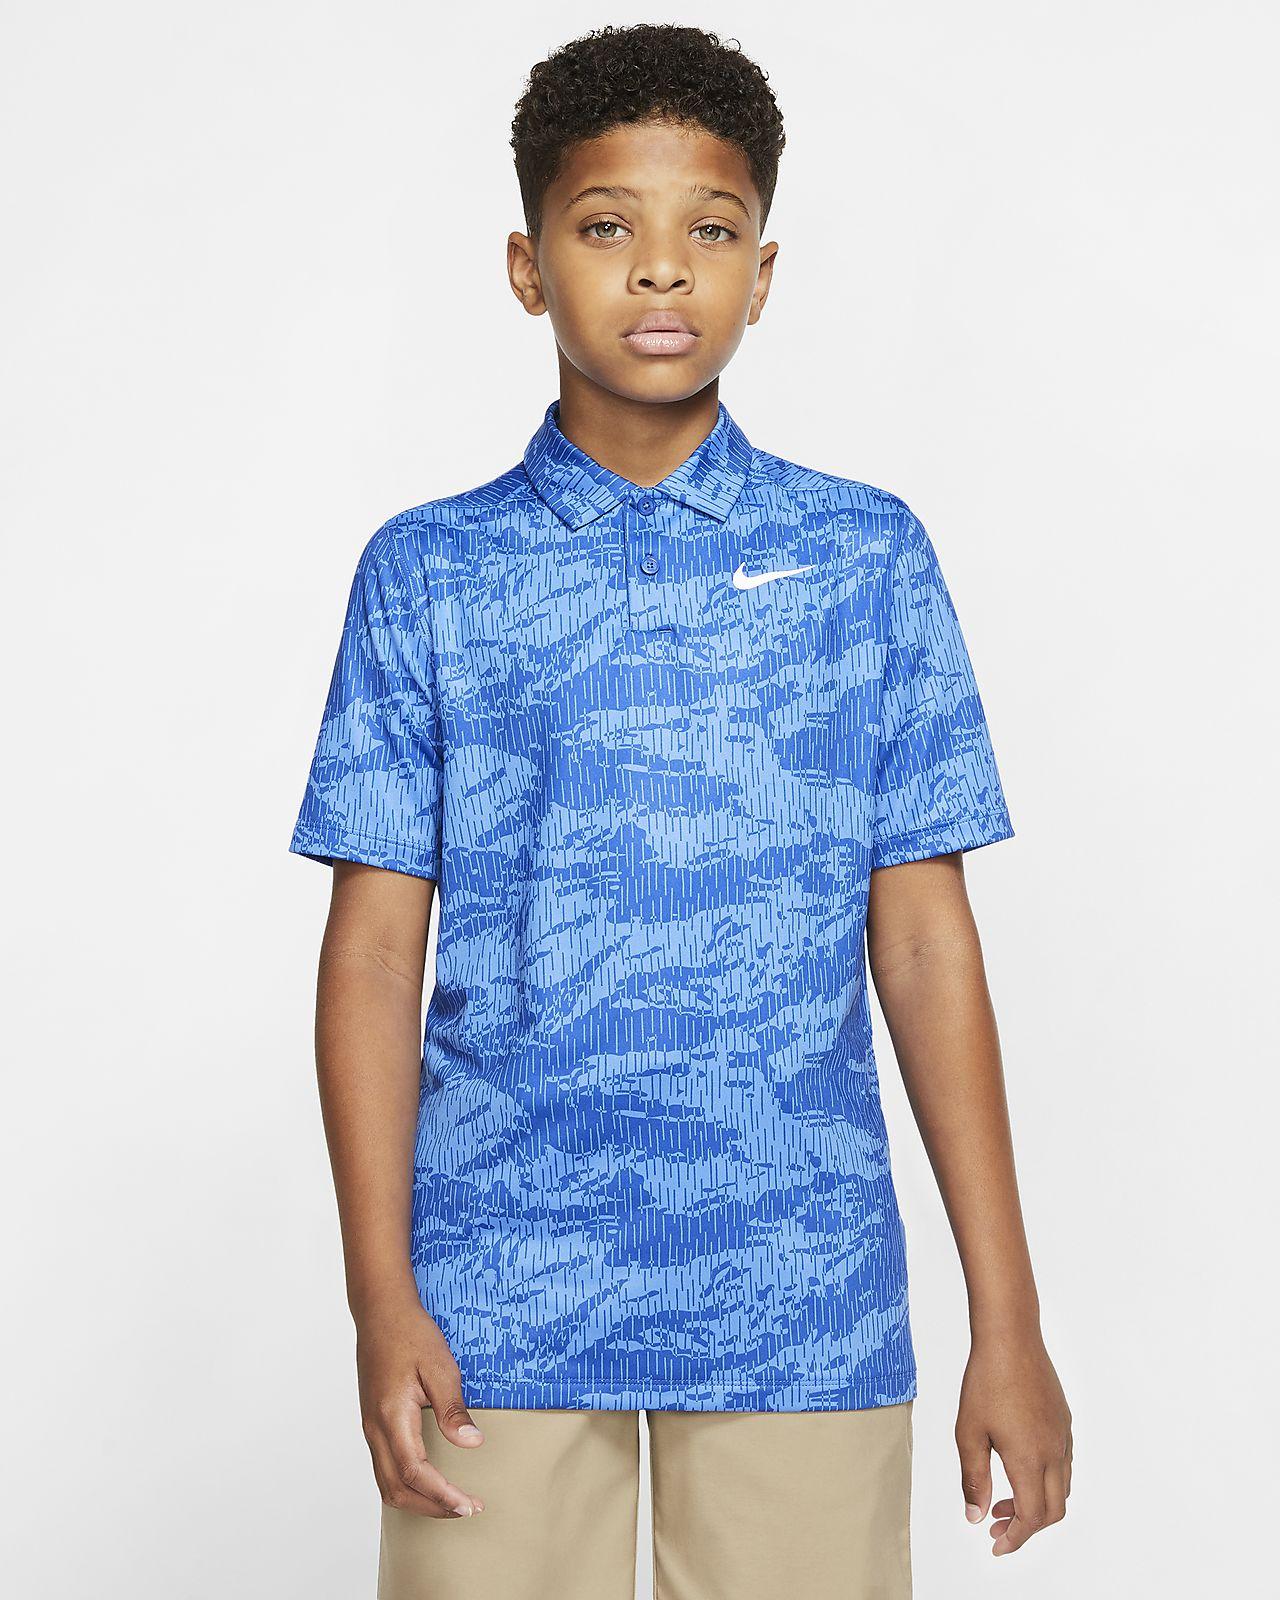 Nike Dri-FIT Golf-Poloshirt mit Print für Jungen